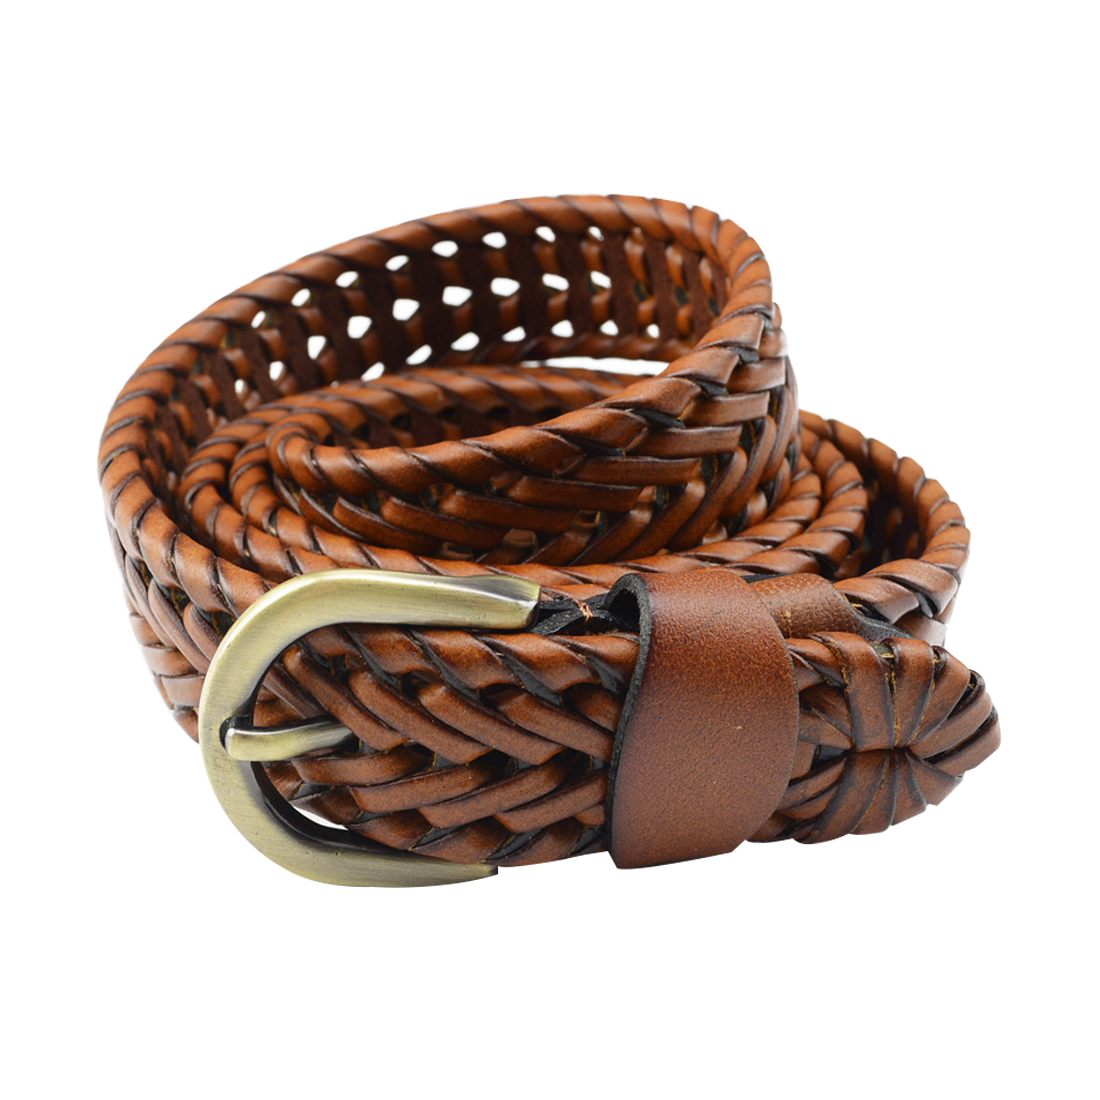 Unisex Braided Alloy Single Pin Buckle Imitation Leather Belt Camel